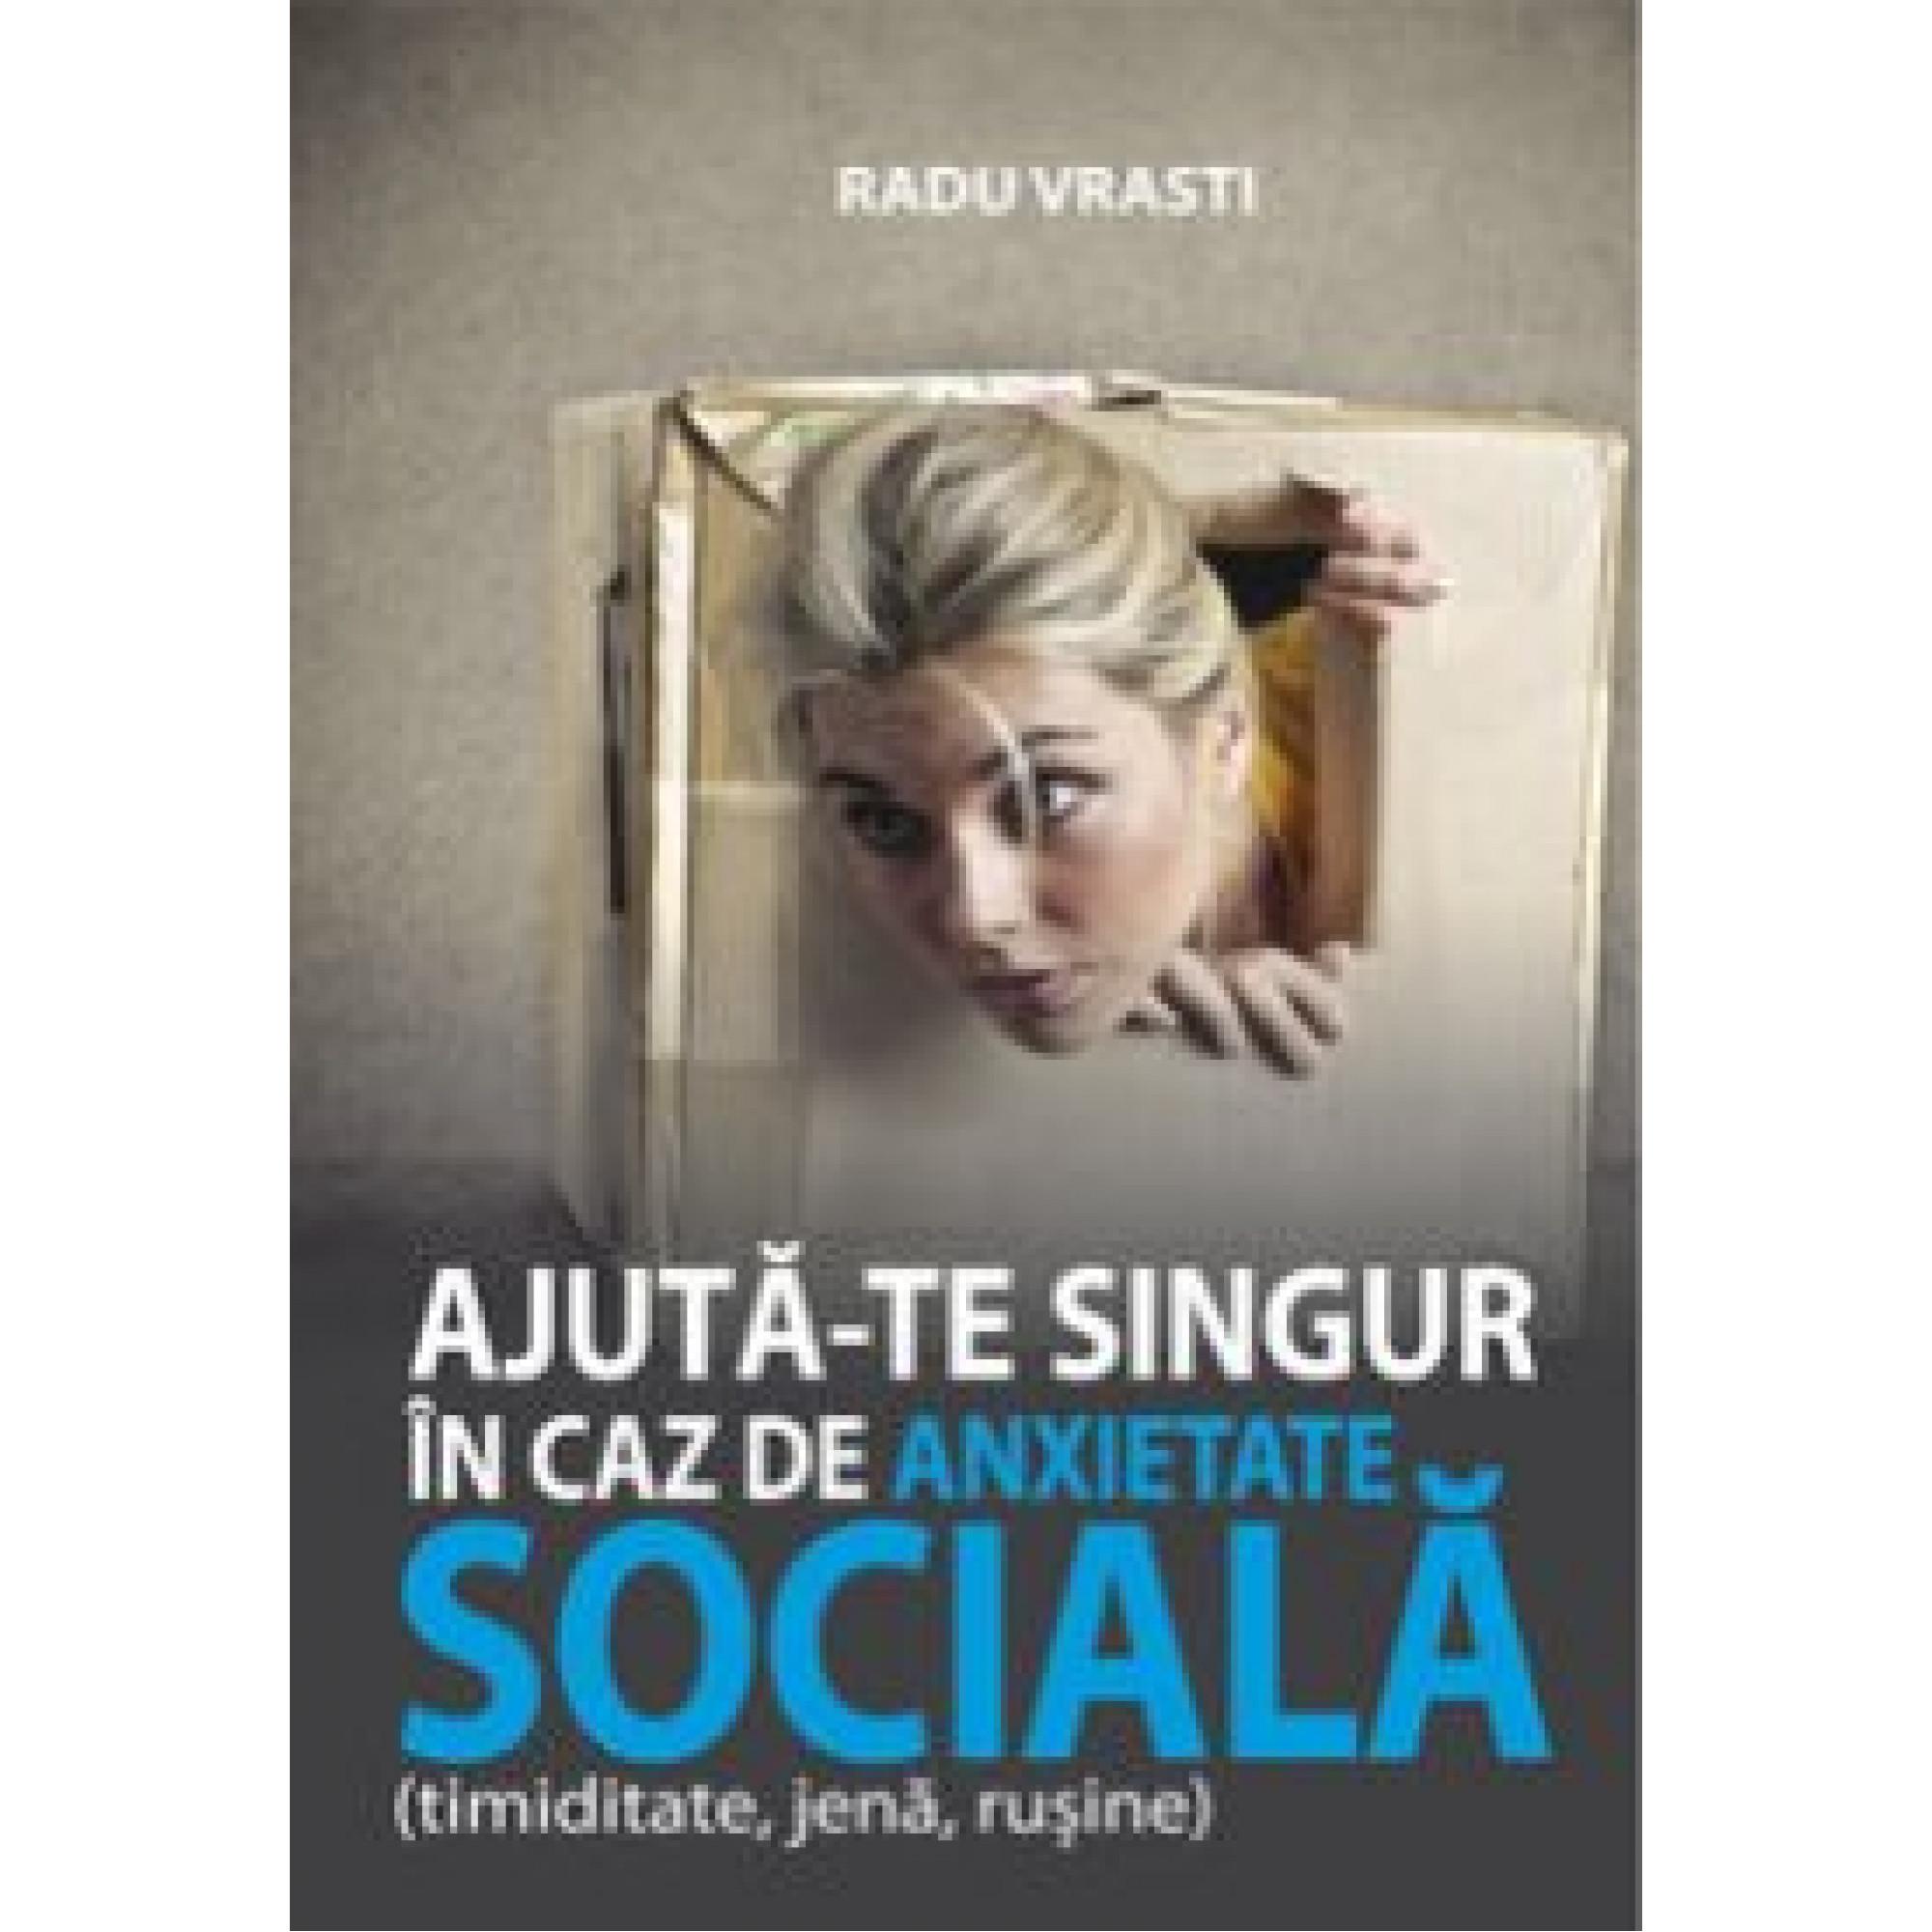 Ajută-te singur în caz de anxietate socială; Radu Vrasti